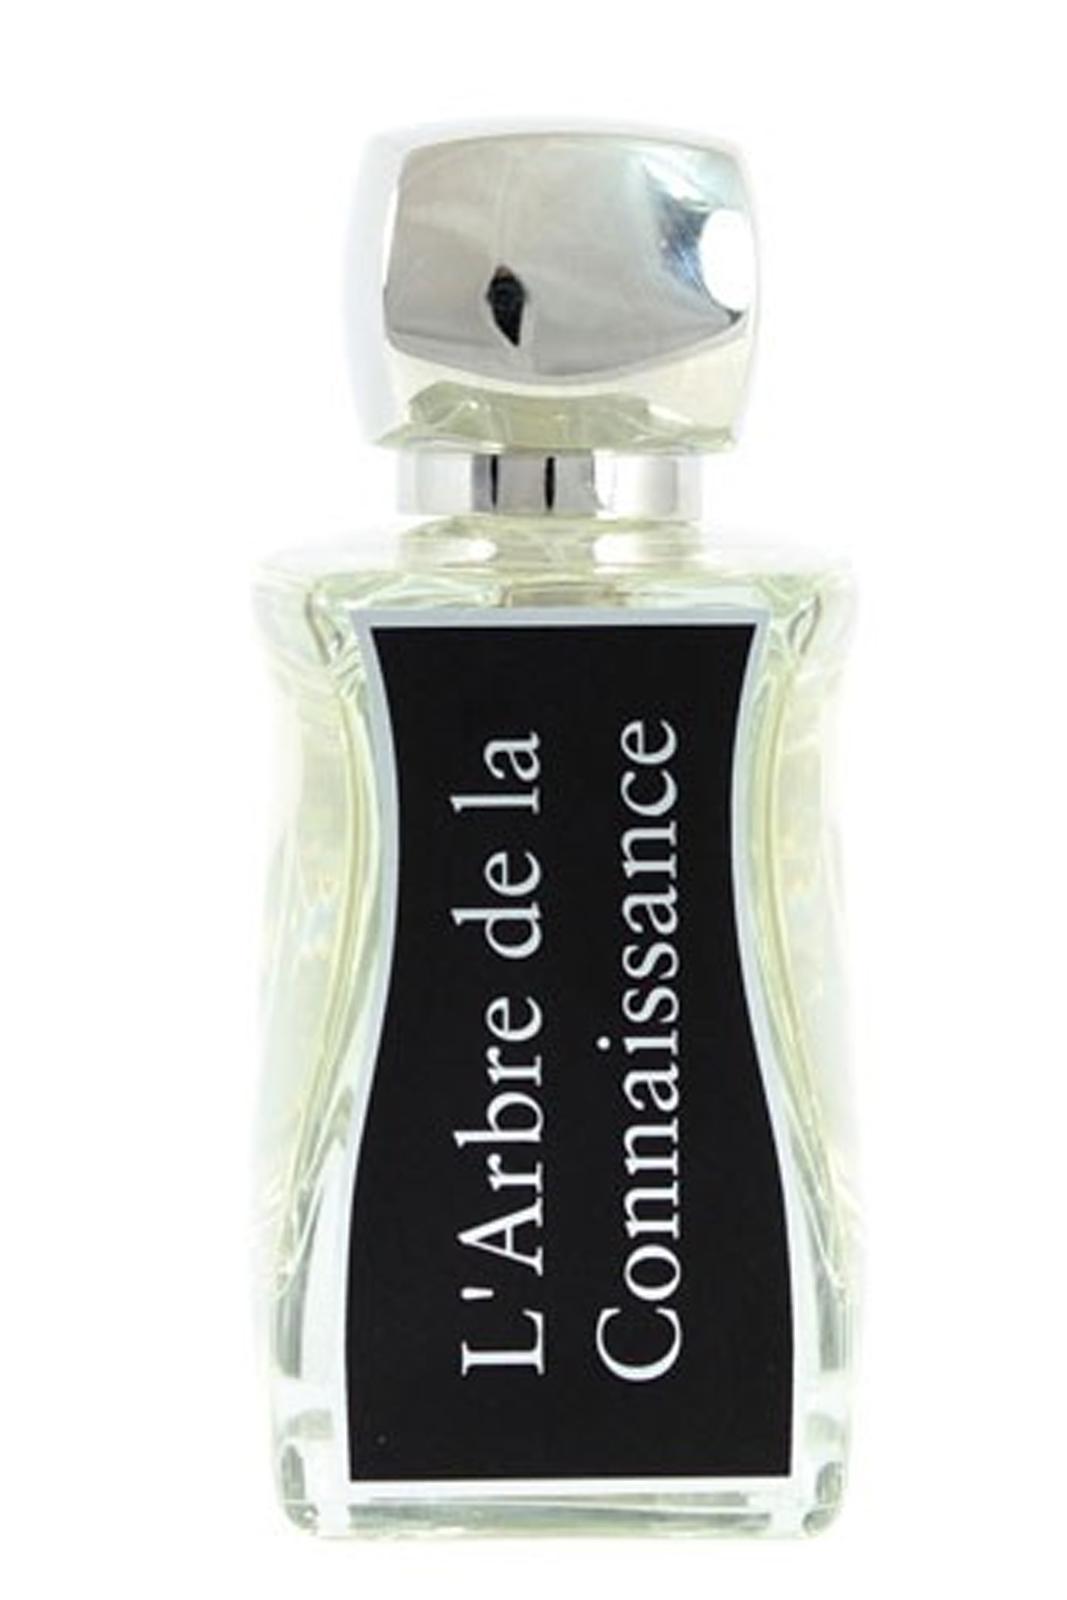 Jovoy Paris L Arbre De La Connaissance Perfume Eau De Parfum 100 ml In White